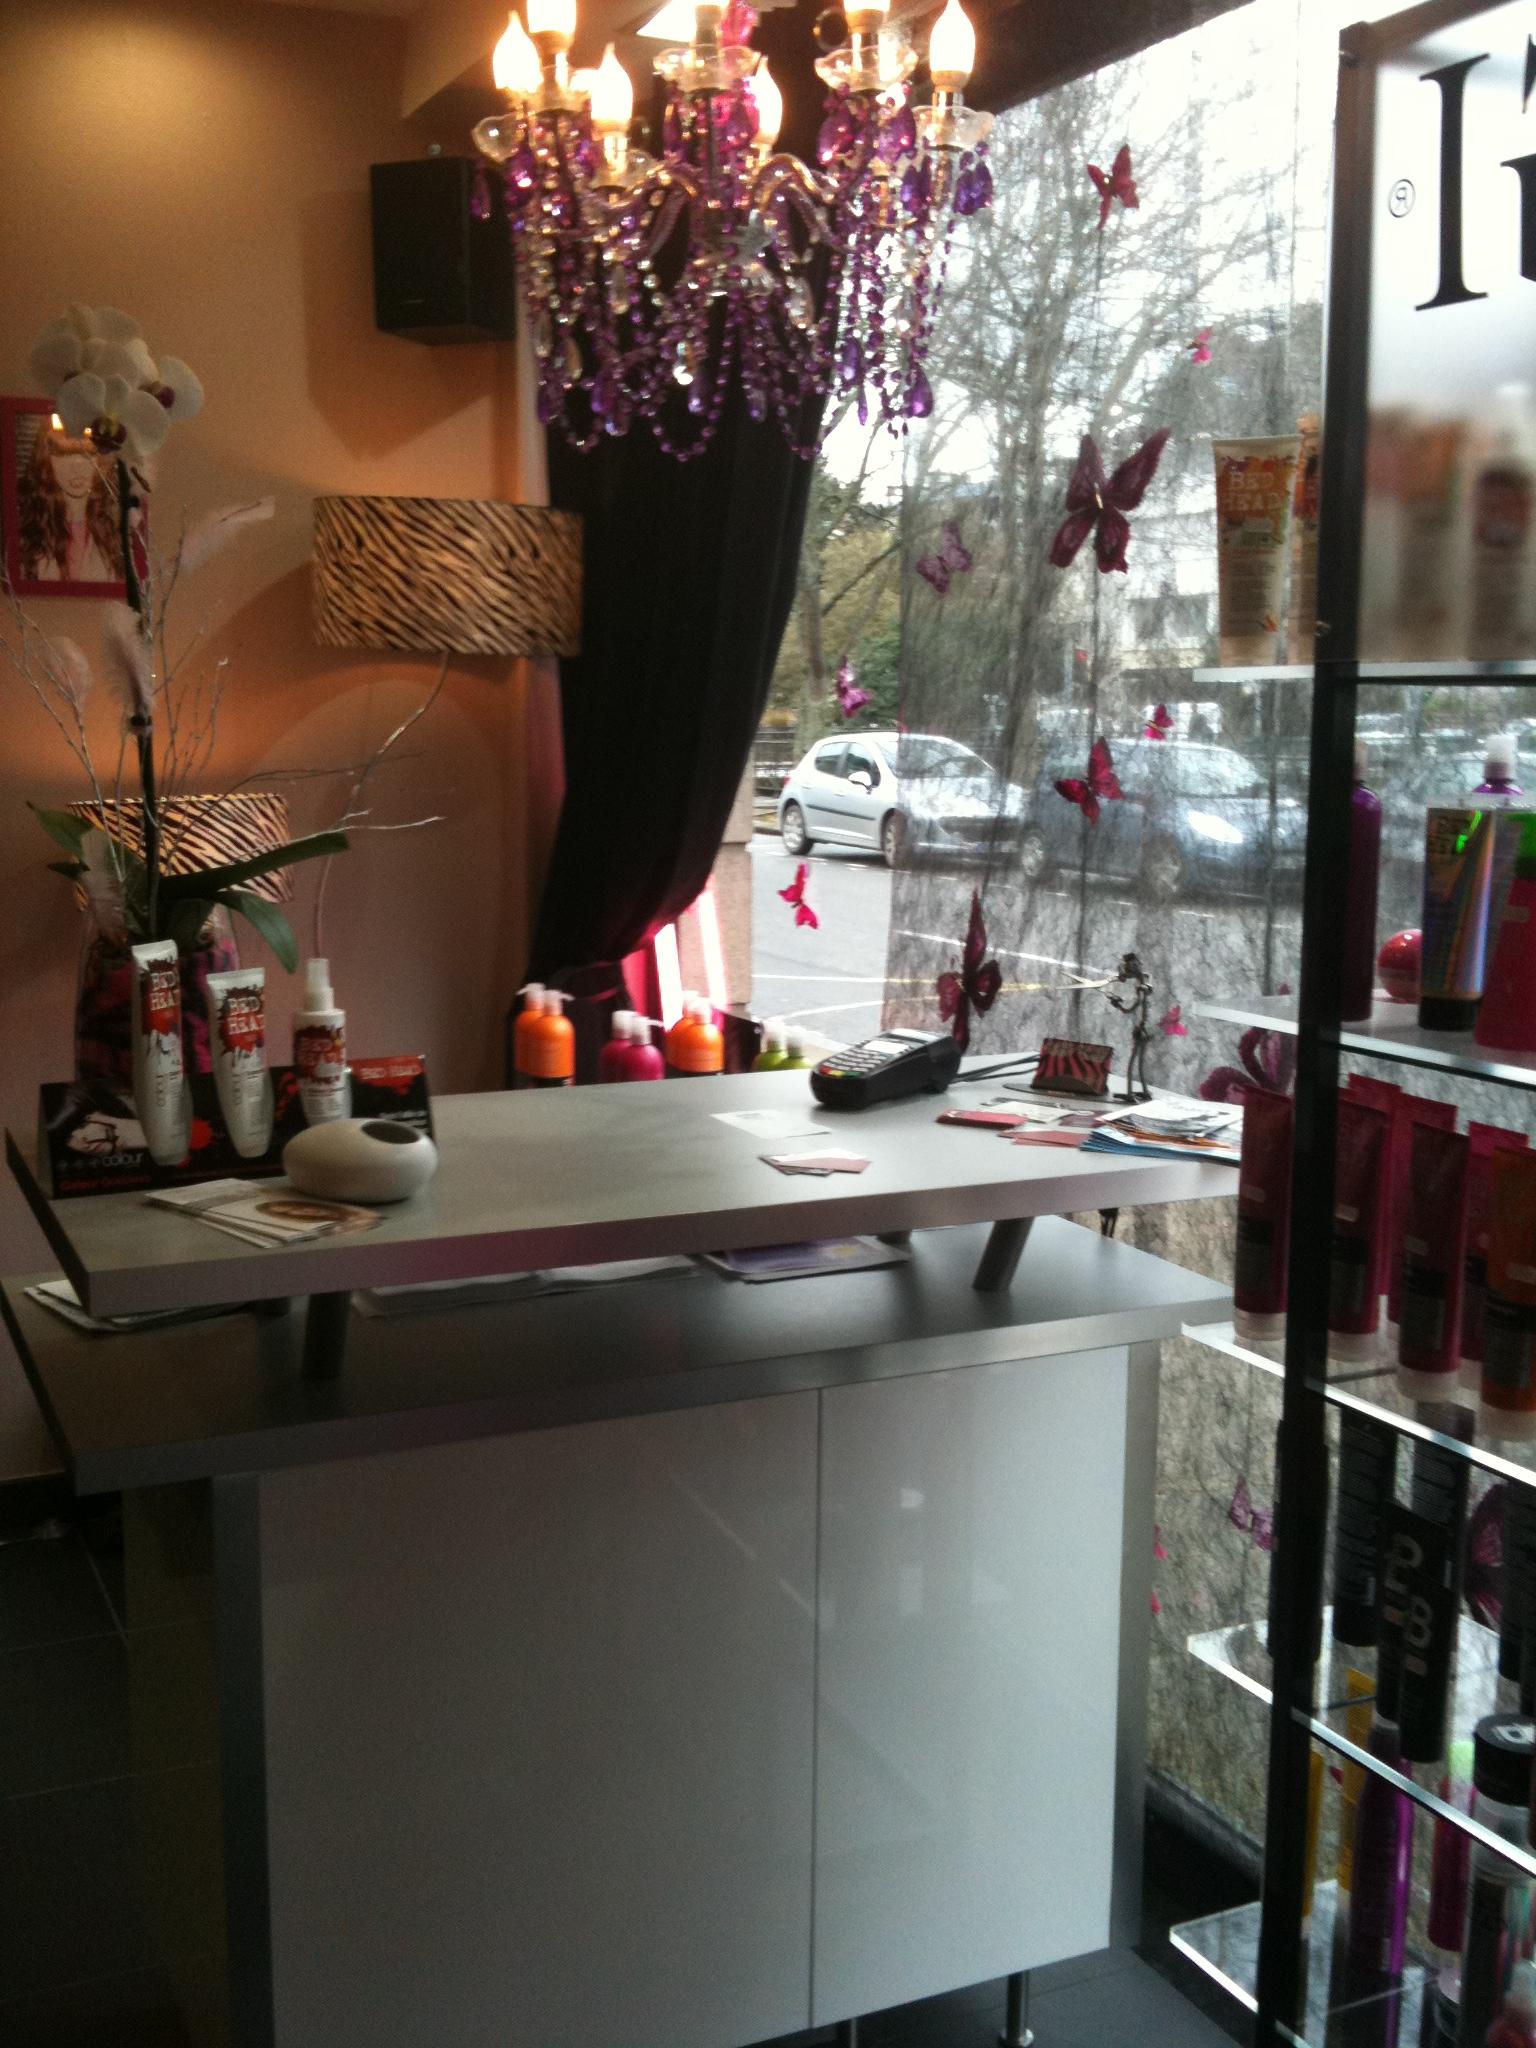 Salon des quais quimper en finistere sur citymalin for Salon coiffure quimper